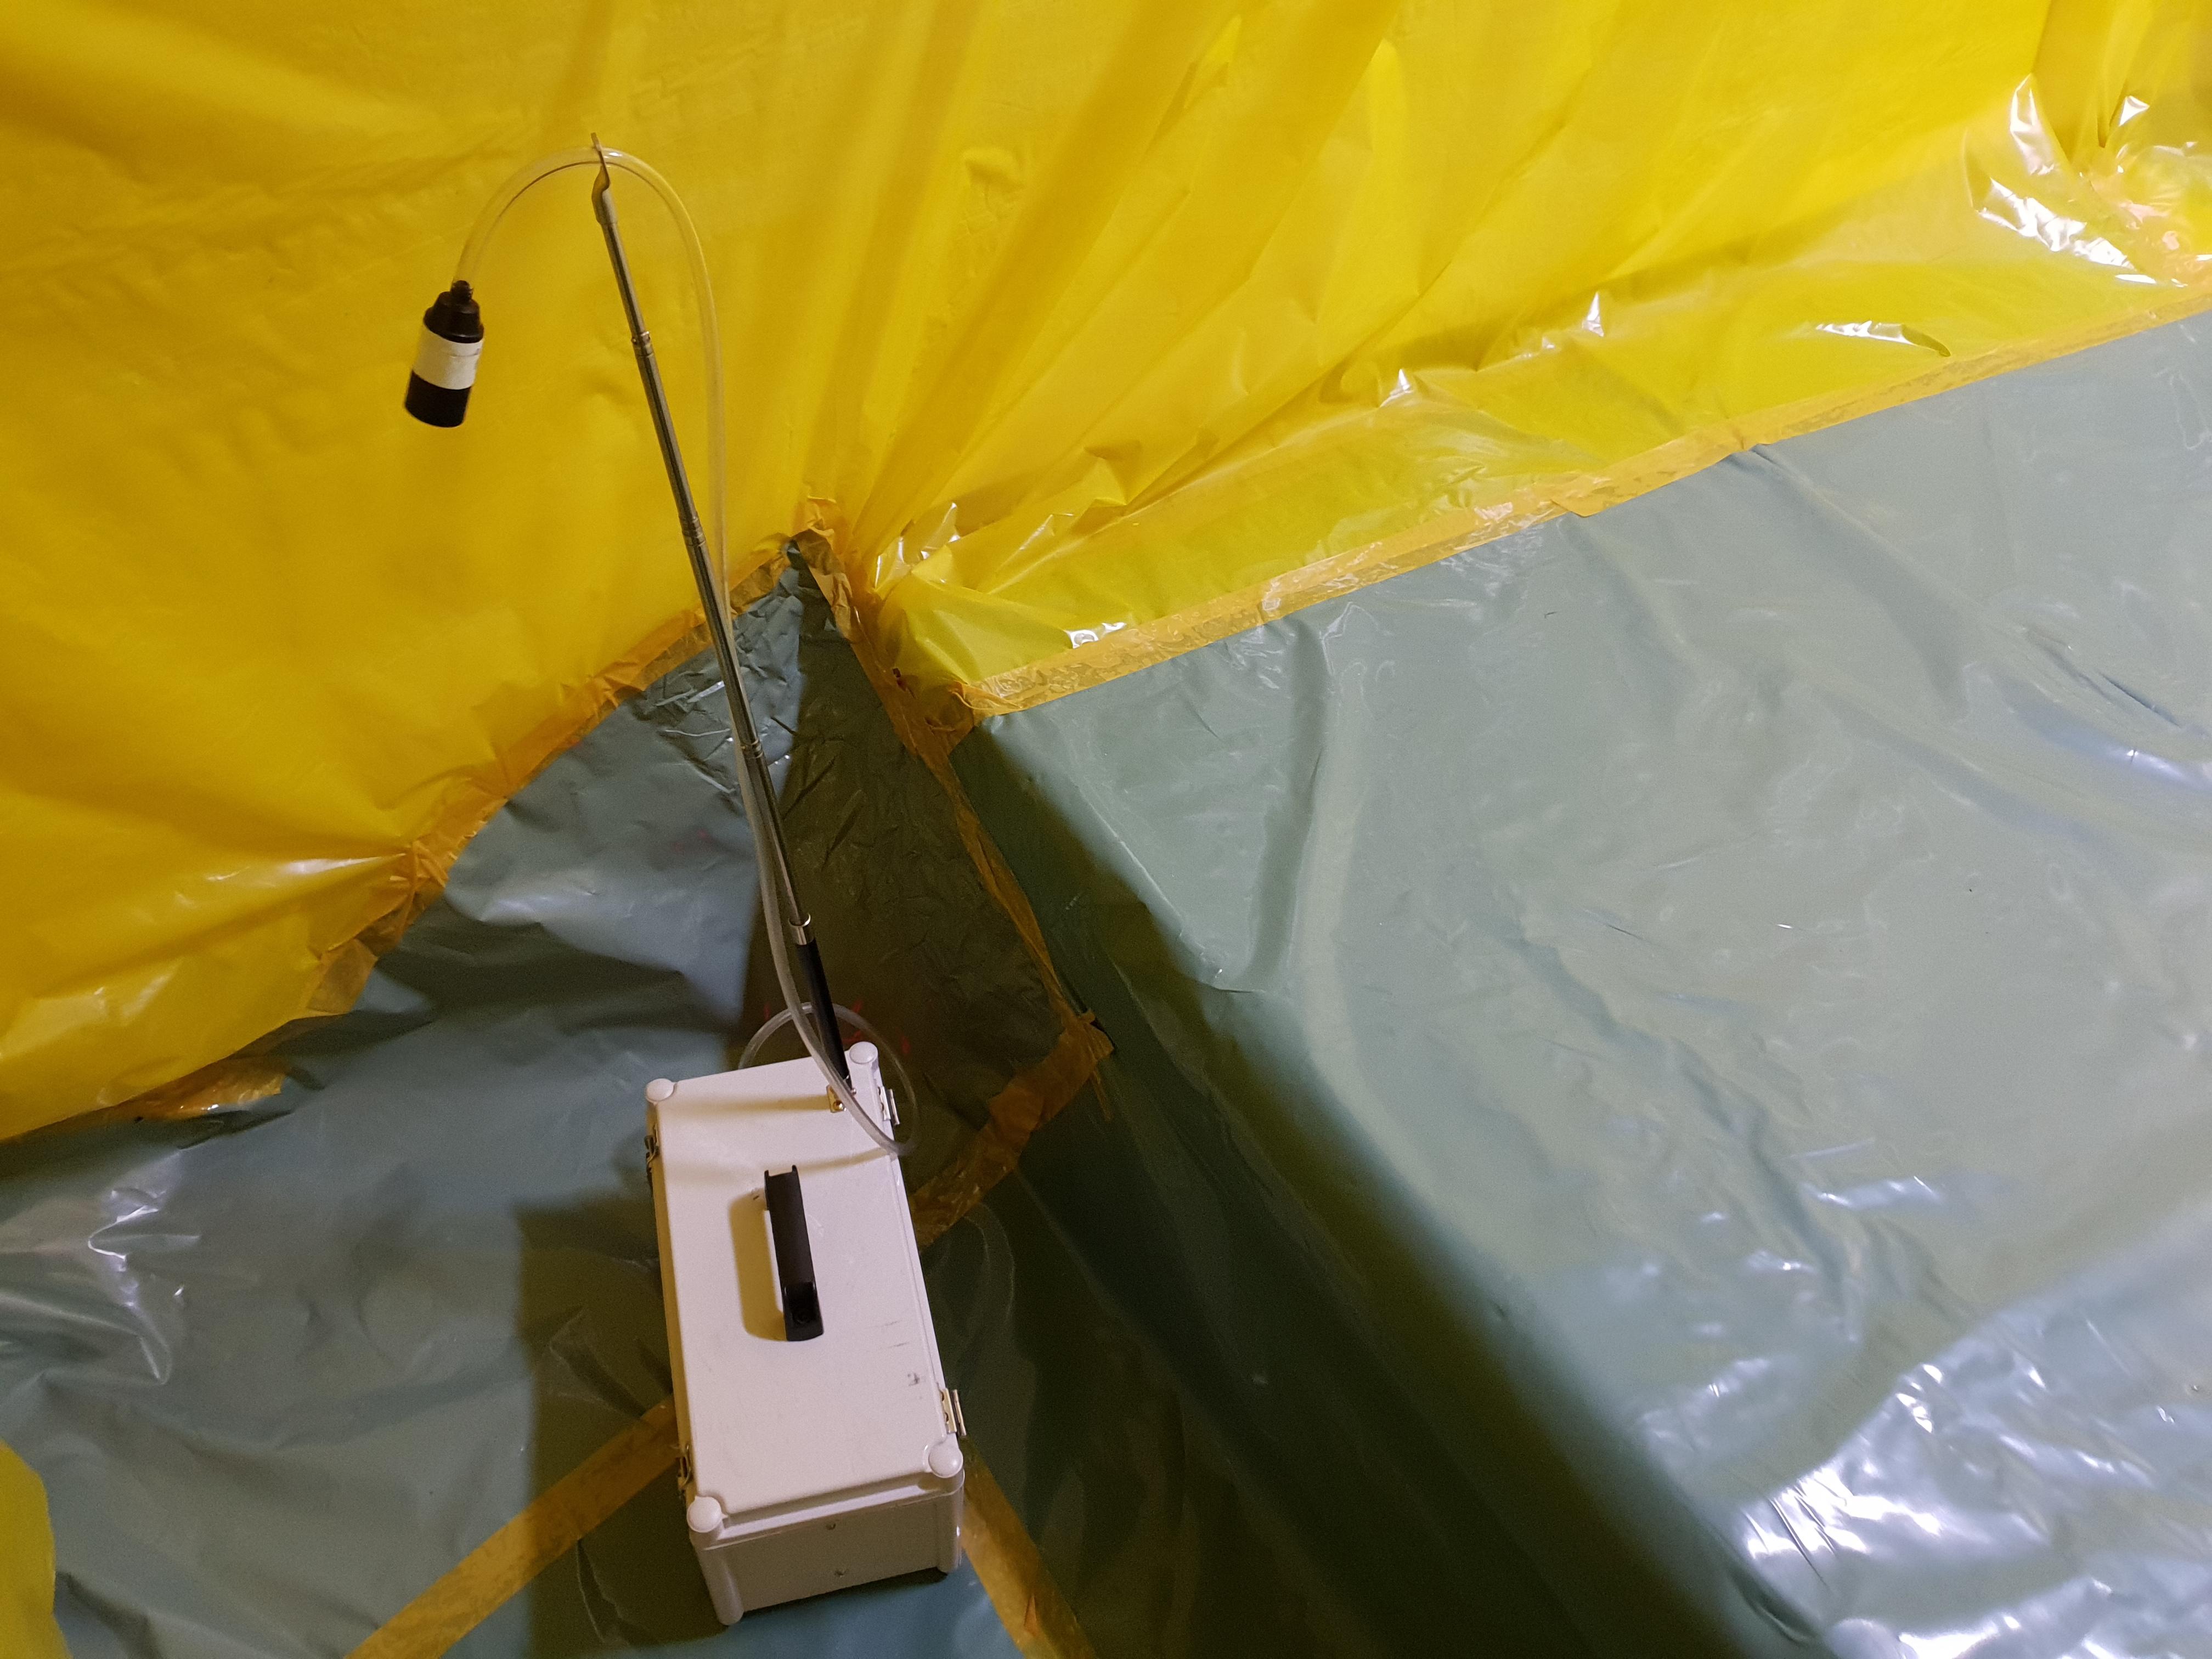 12 번째 사진 부산동부경찰서 에  연면적 ㎡ 동구 중앙대로 387 농도측정, 비산농도측정